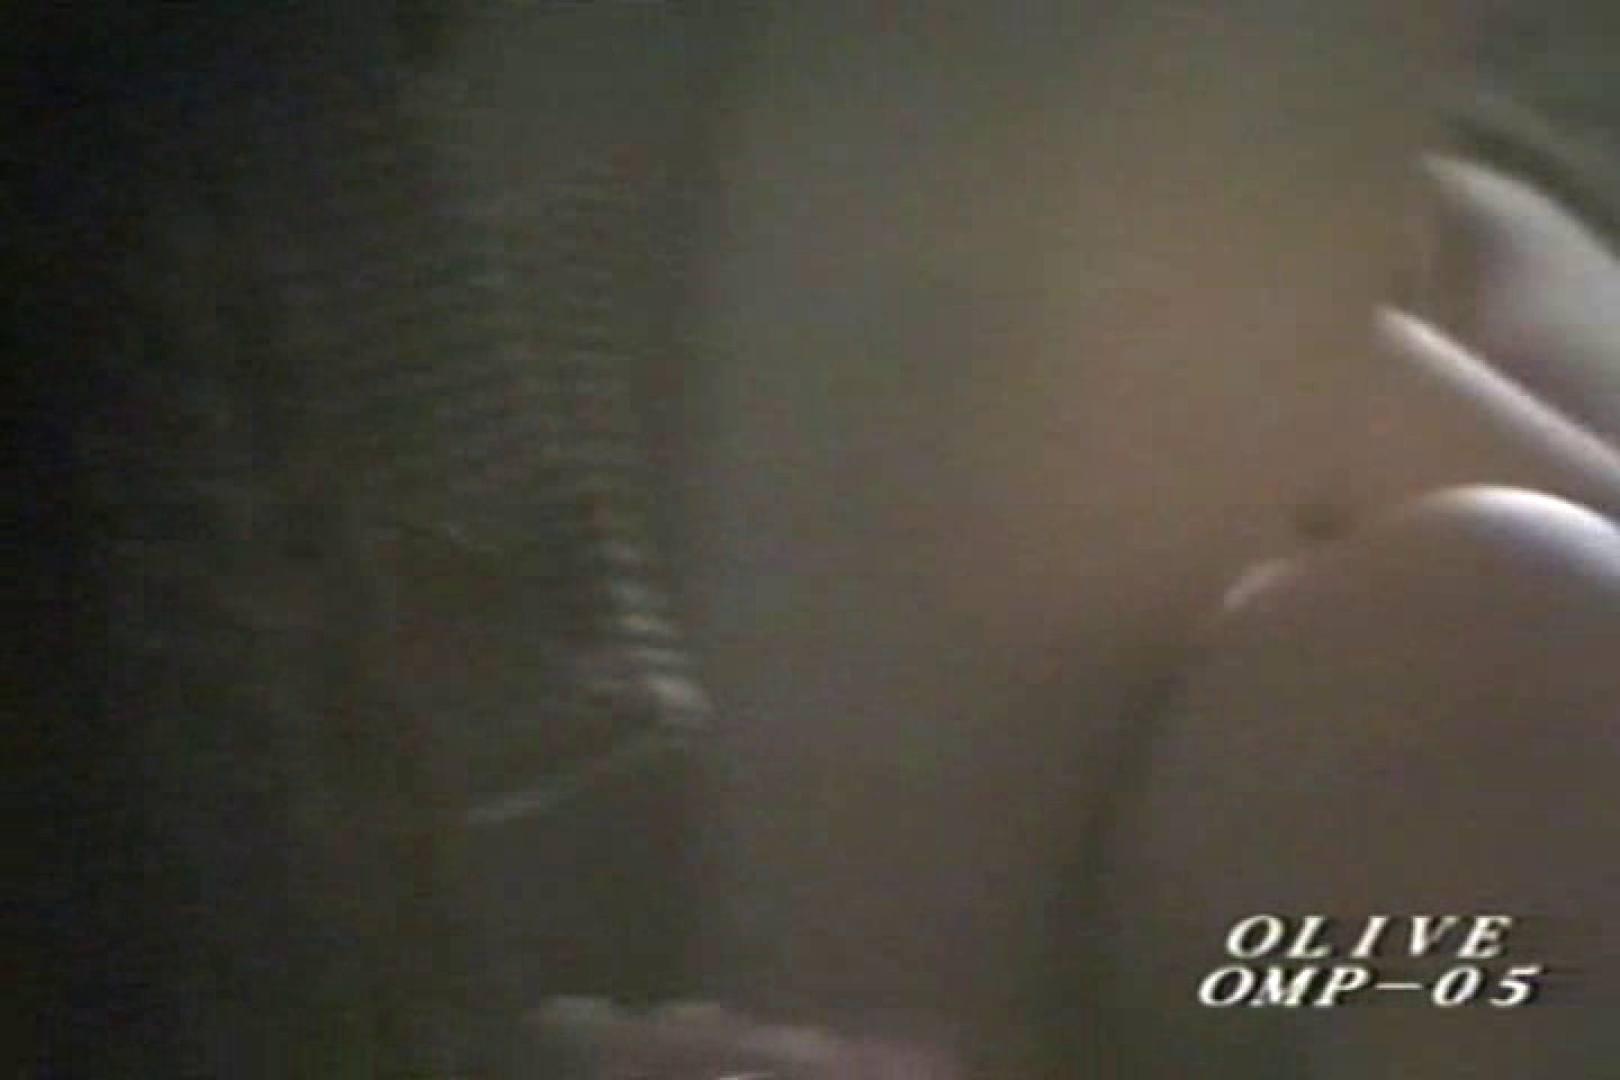 究極の民家覗き撮りVol.5 エロすぎオナニー 盗み撮り動画 107画像 27